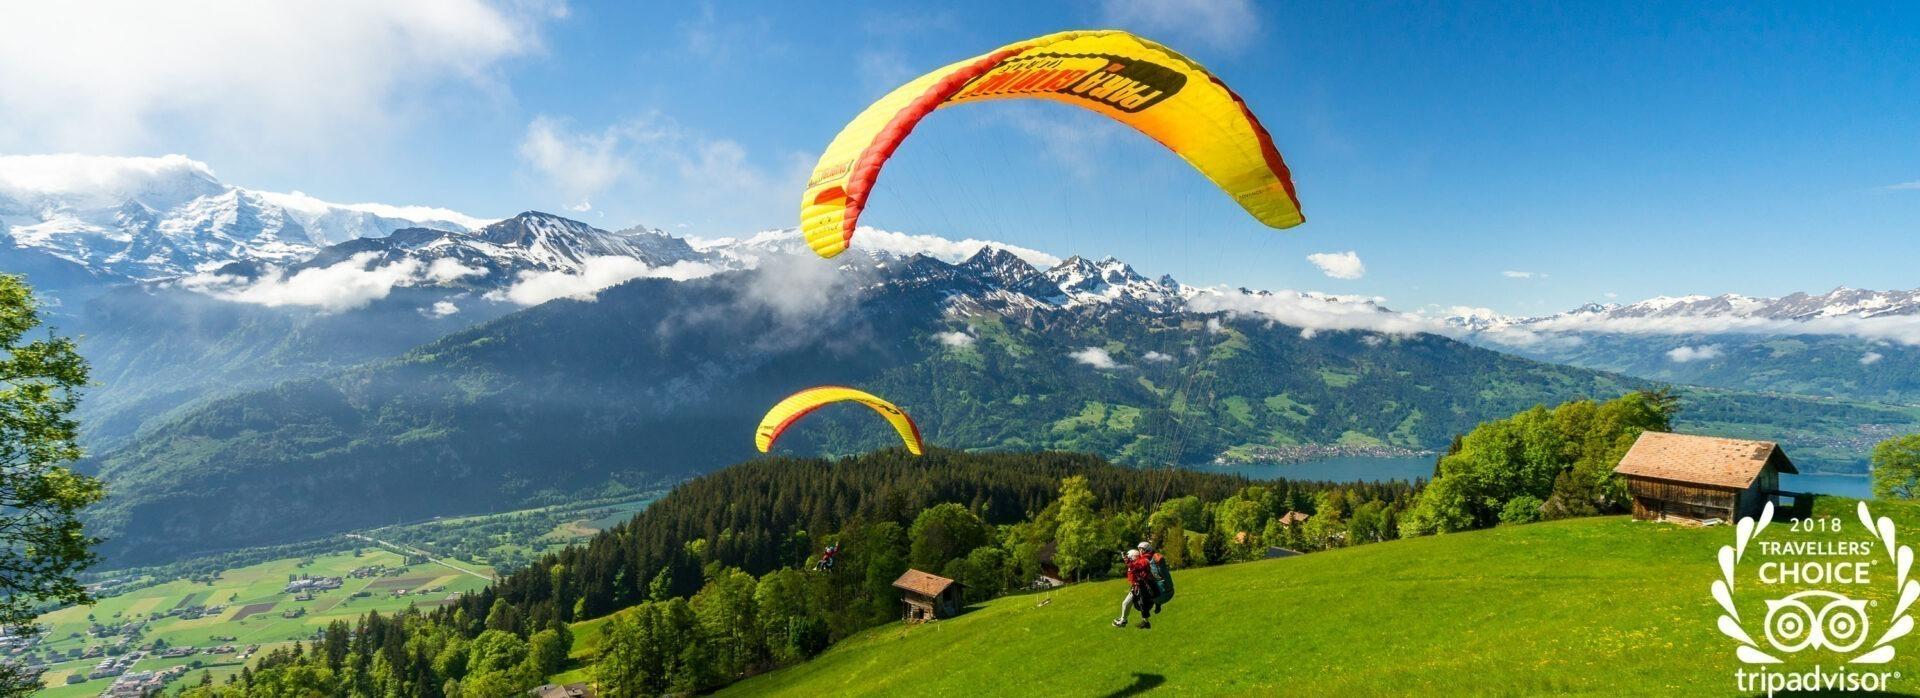 Things to do in Interlaken. Paragliding Interlaken